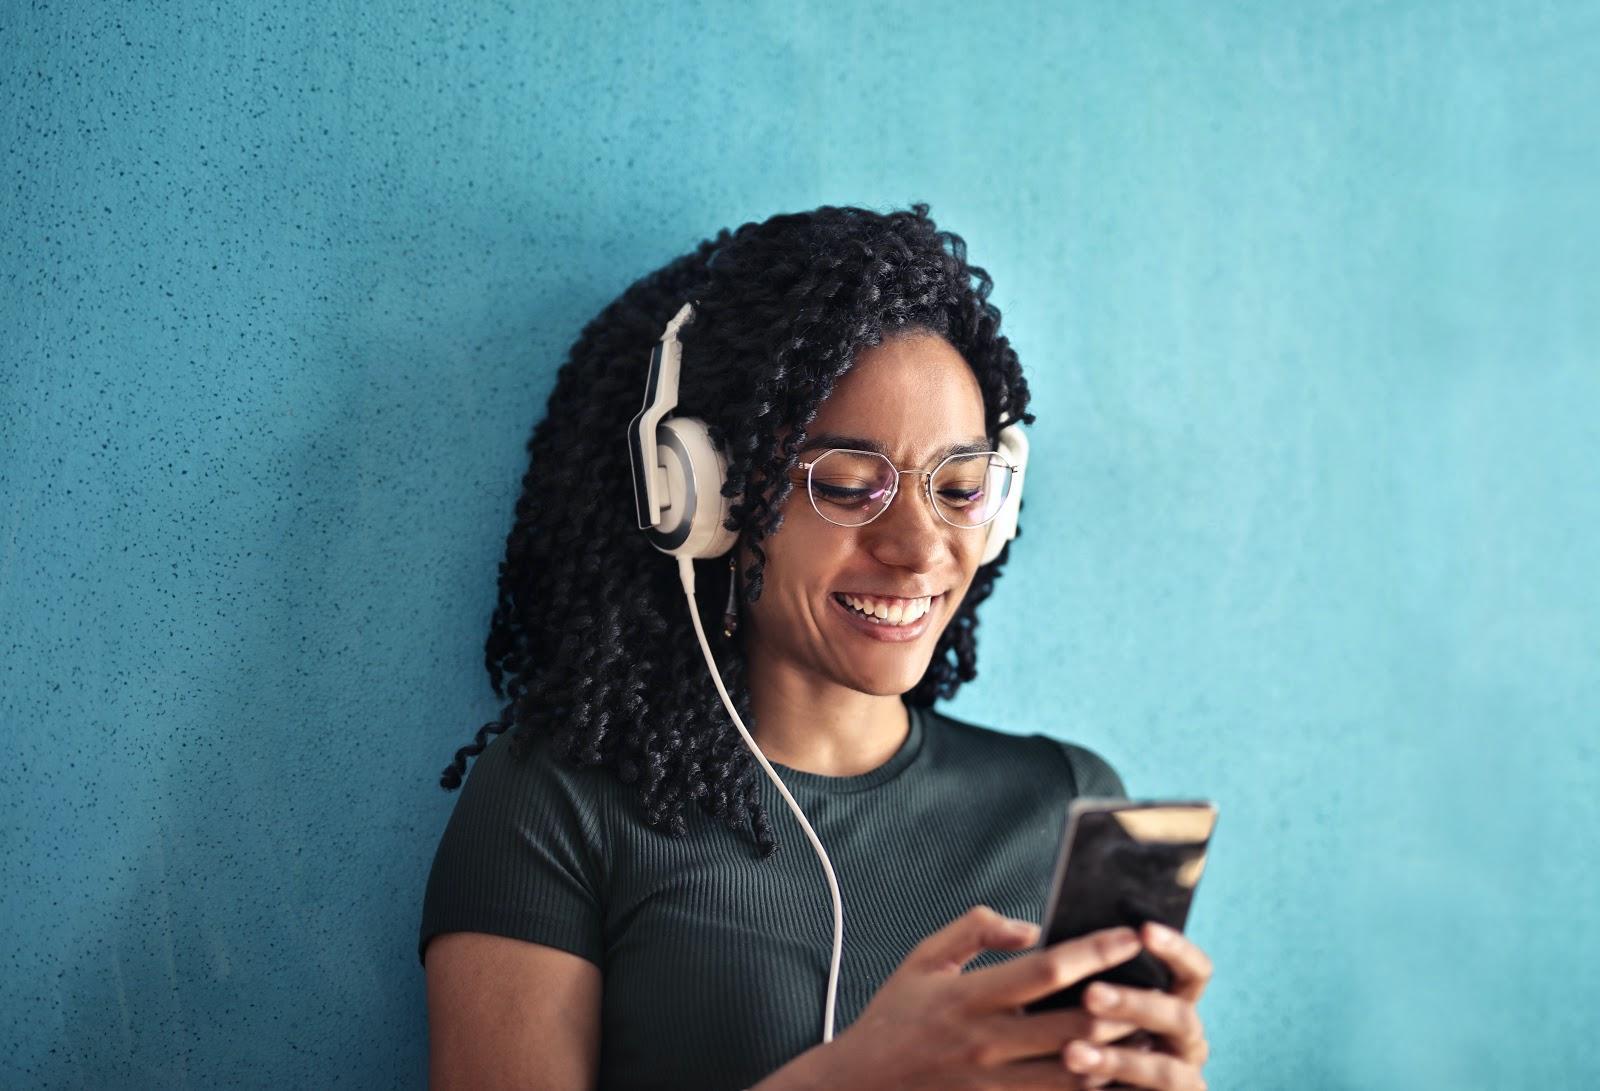 Développez votre audience de podcasts avec ces 5 étapes simples - 1. Engagez votre audience